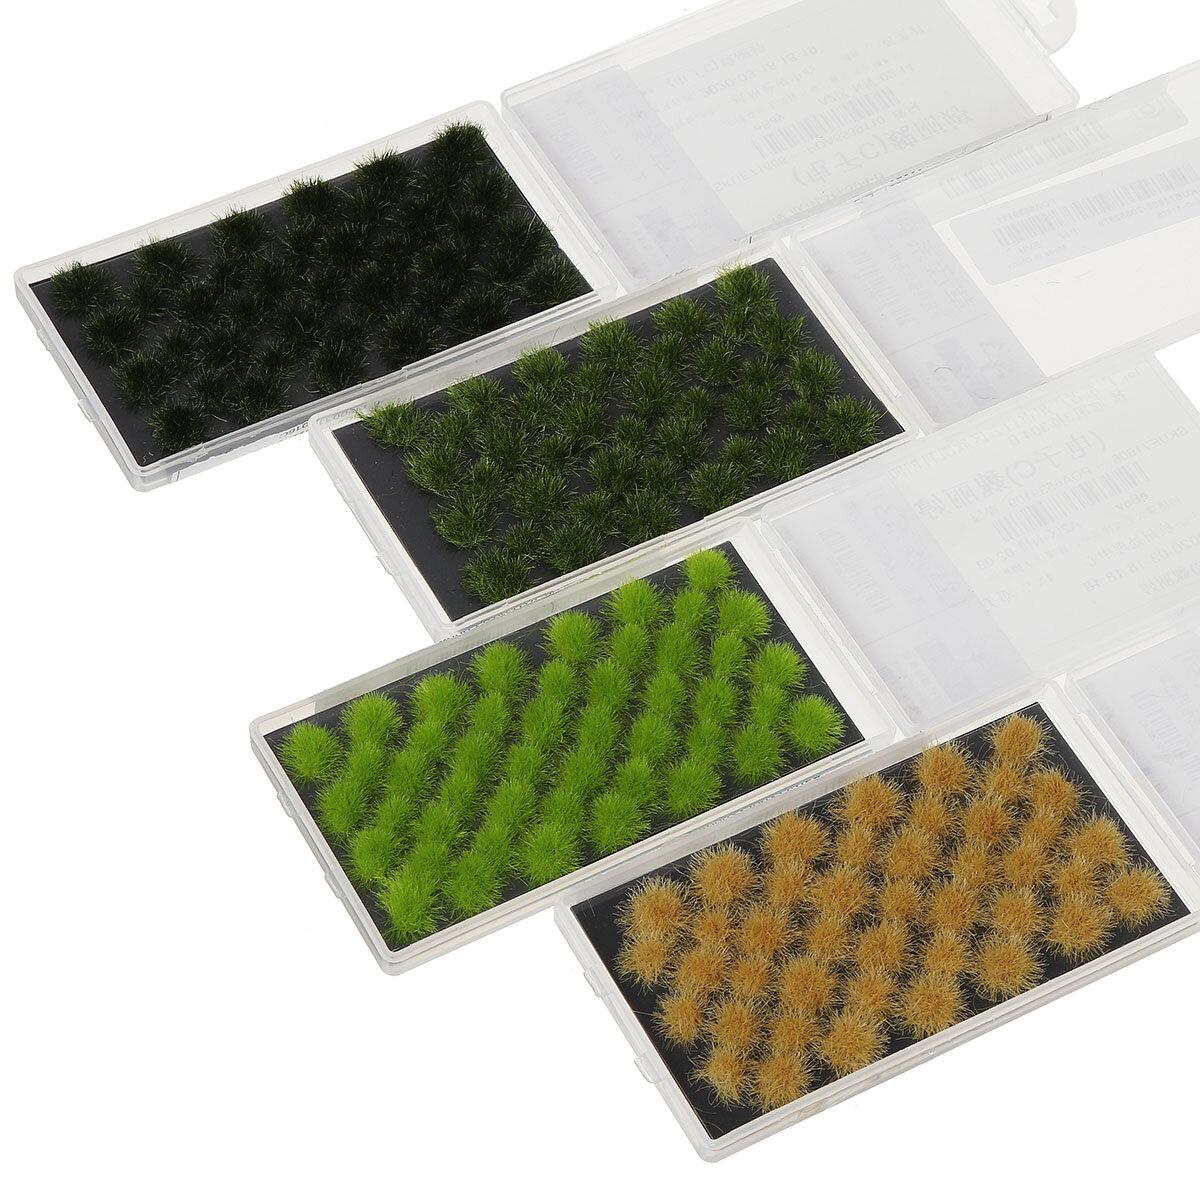 Decorazioni per tappeti accessori fai da te sintetici artificiali in polvere modello erba sintetica - 1